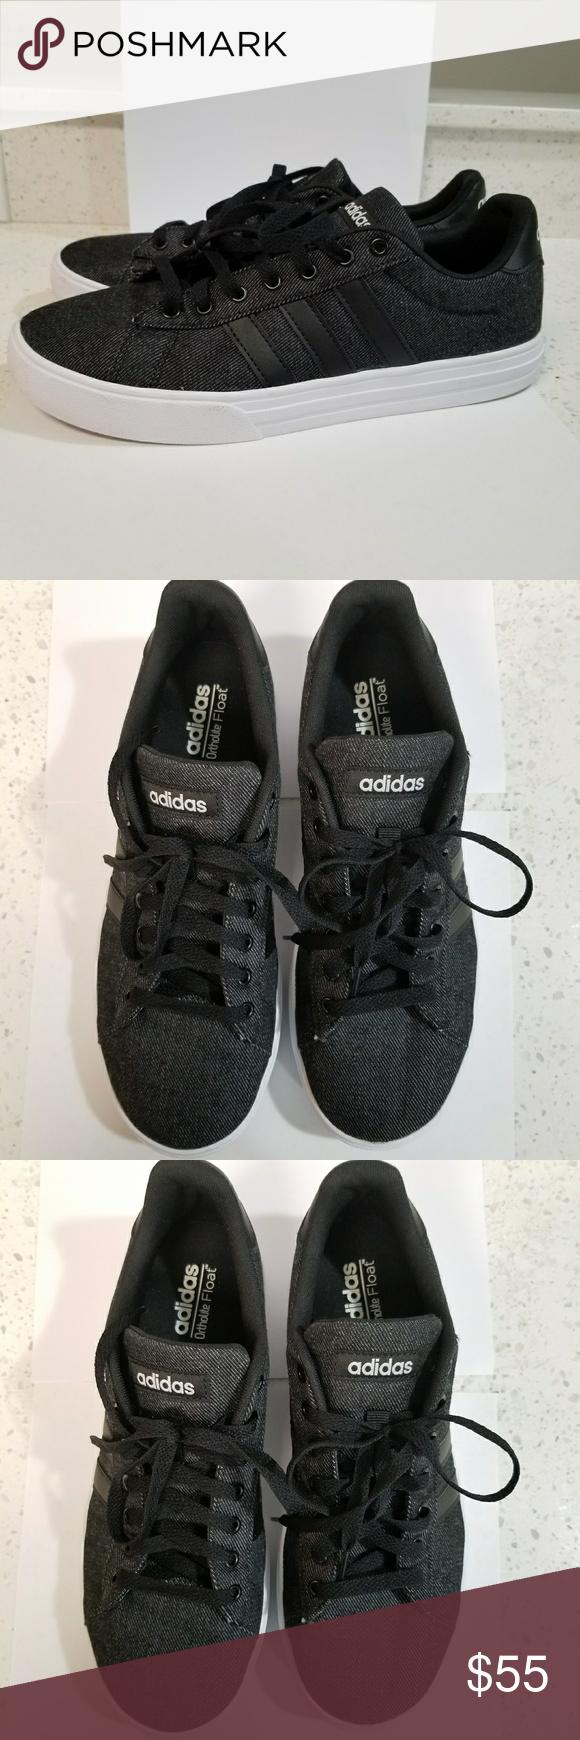 Adidas Ortholite Float brand new shoes